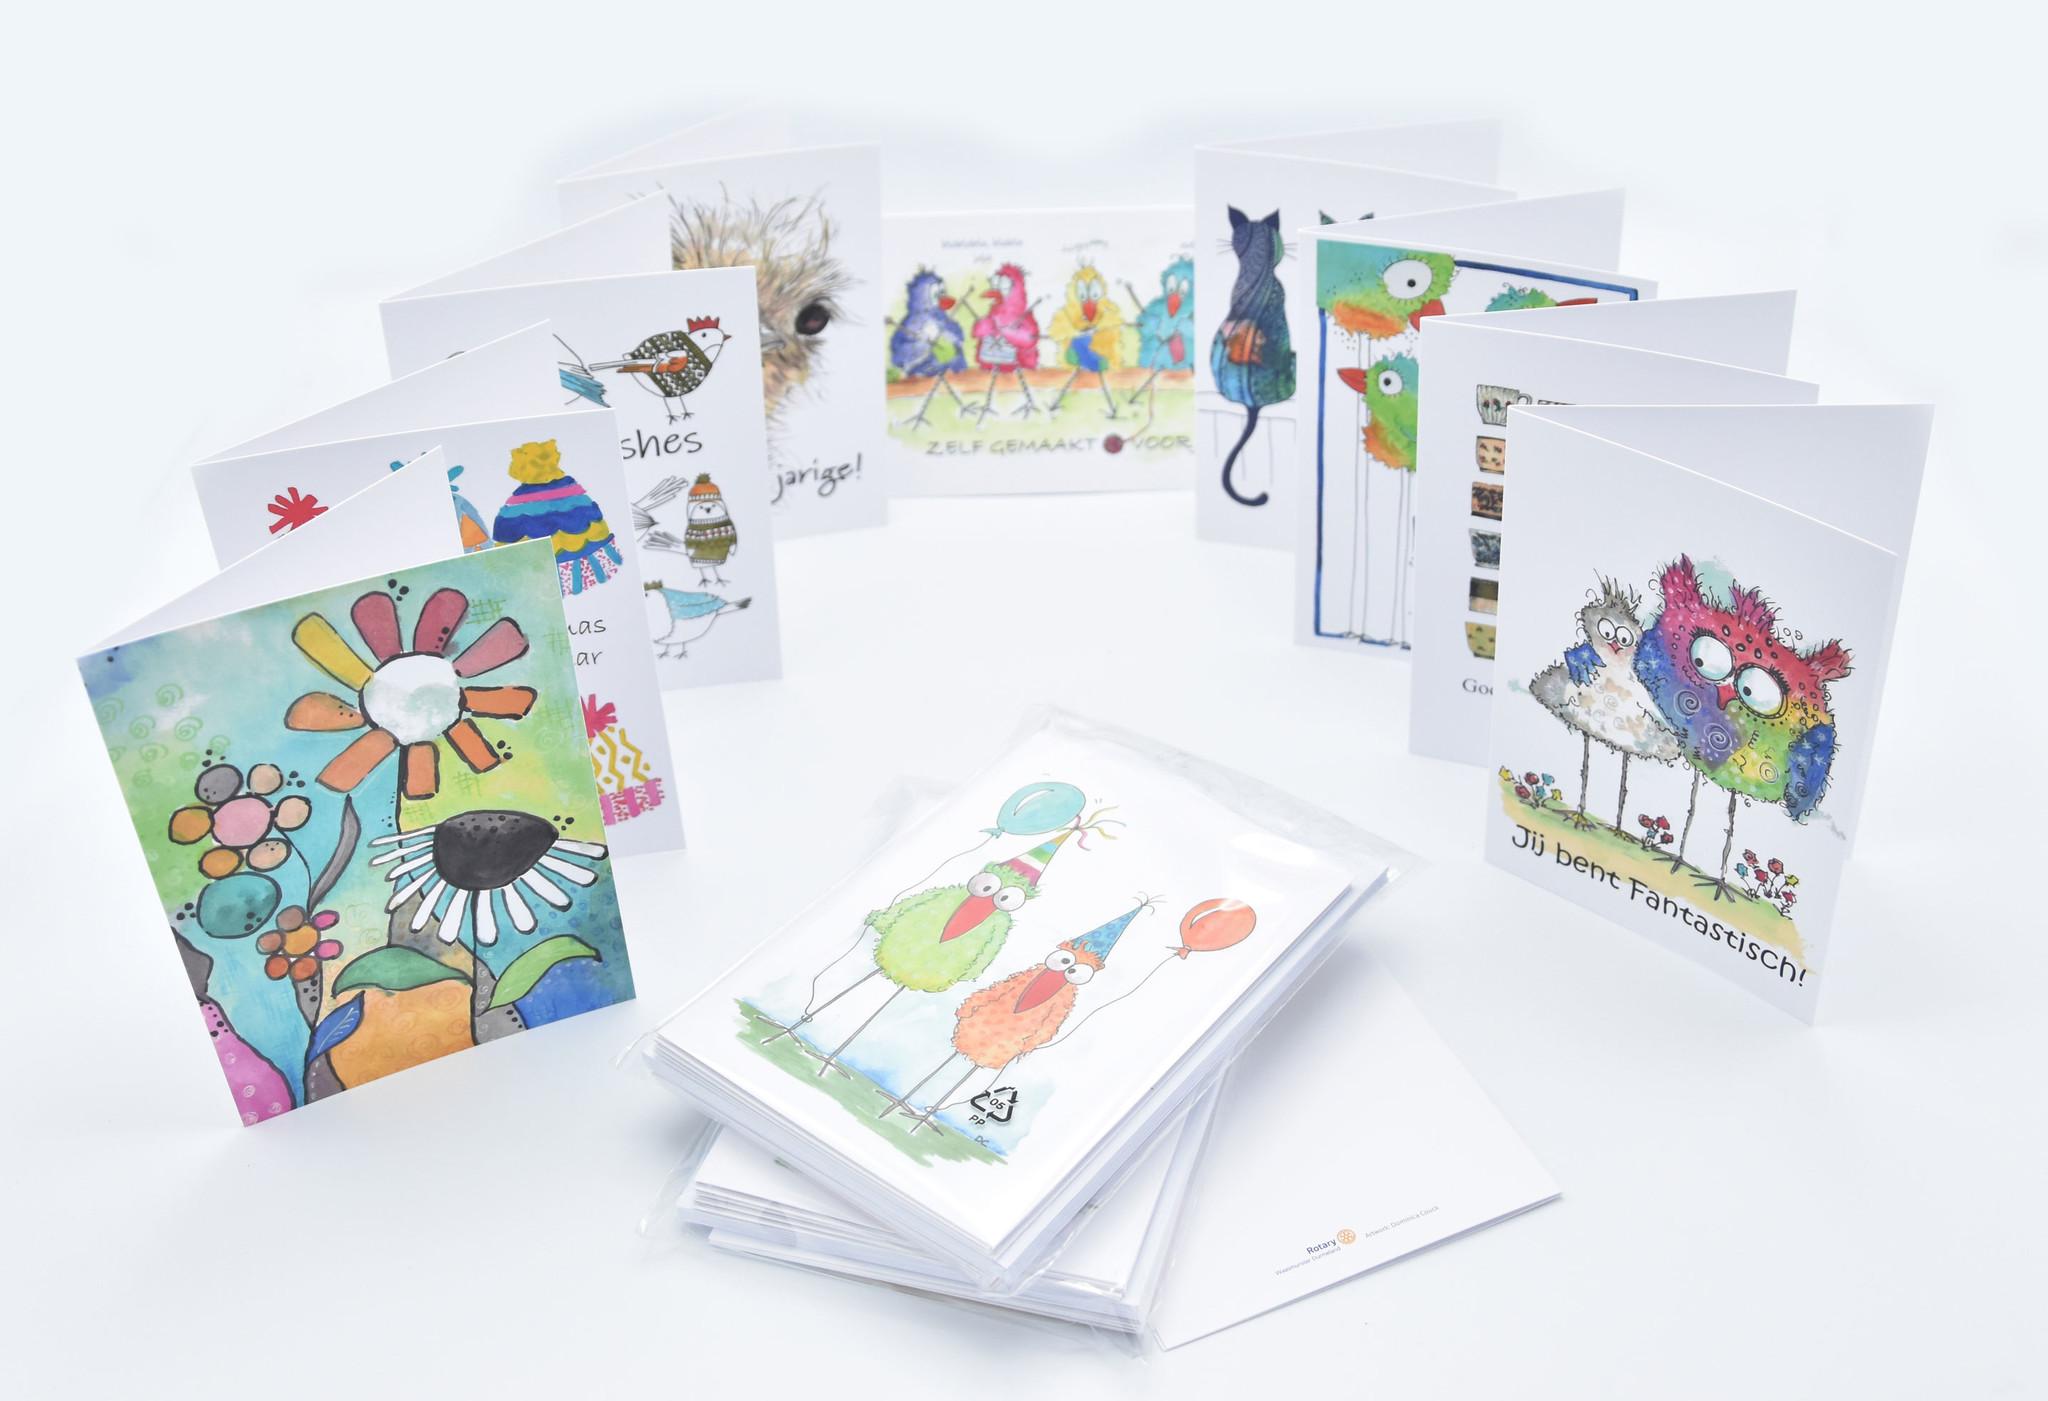 Promo Pakket met 50 wenskaarten & enveloppen tvv sociale projecten van Rotary Waasmunster-Durmeland